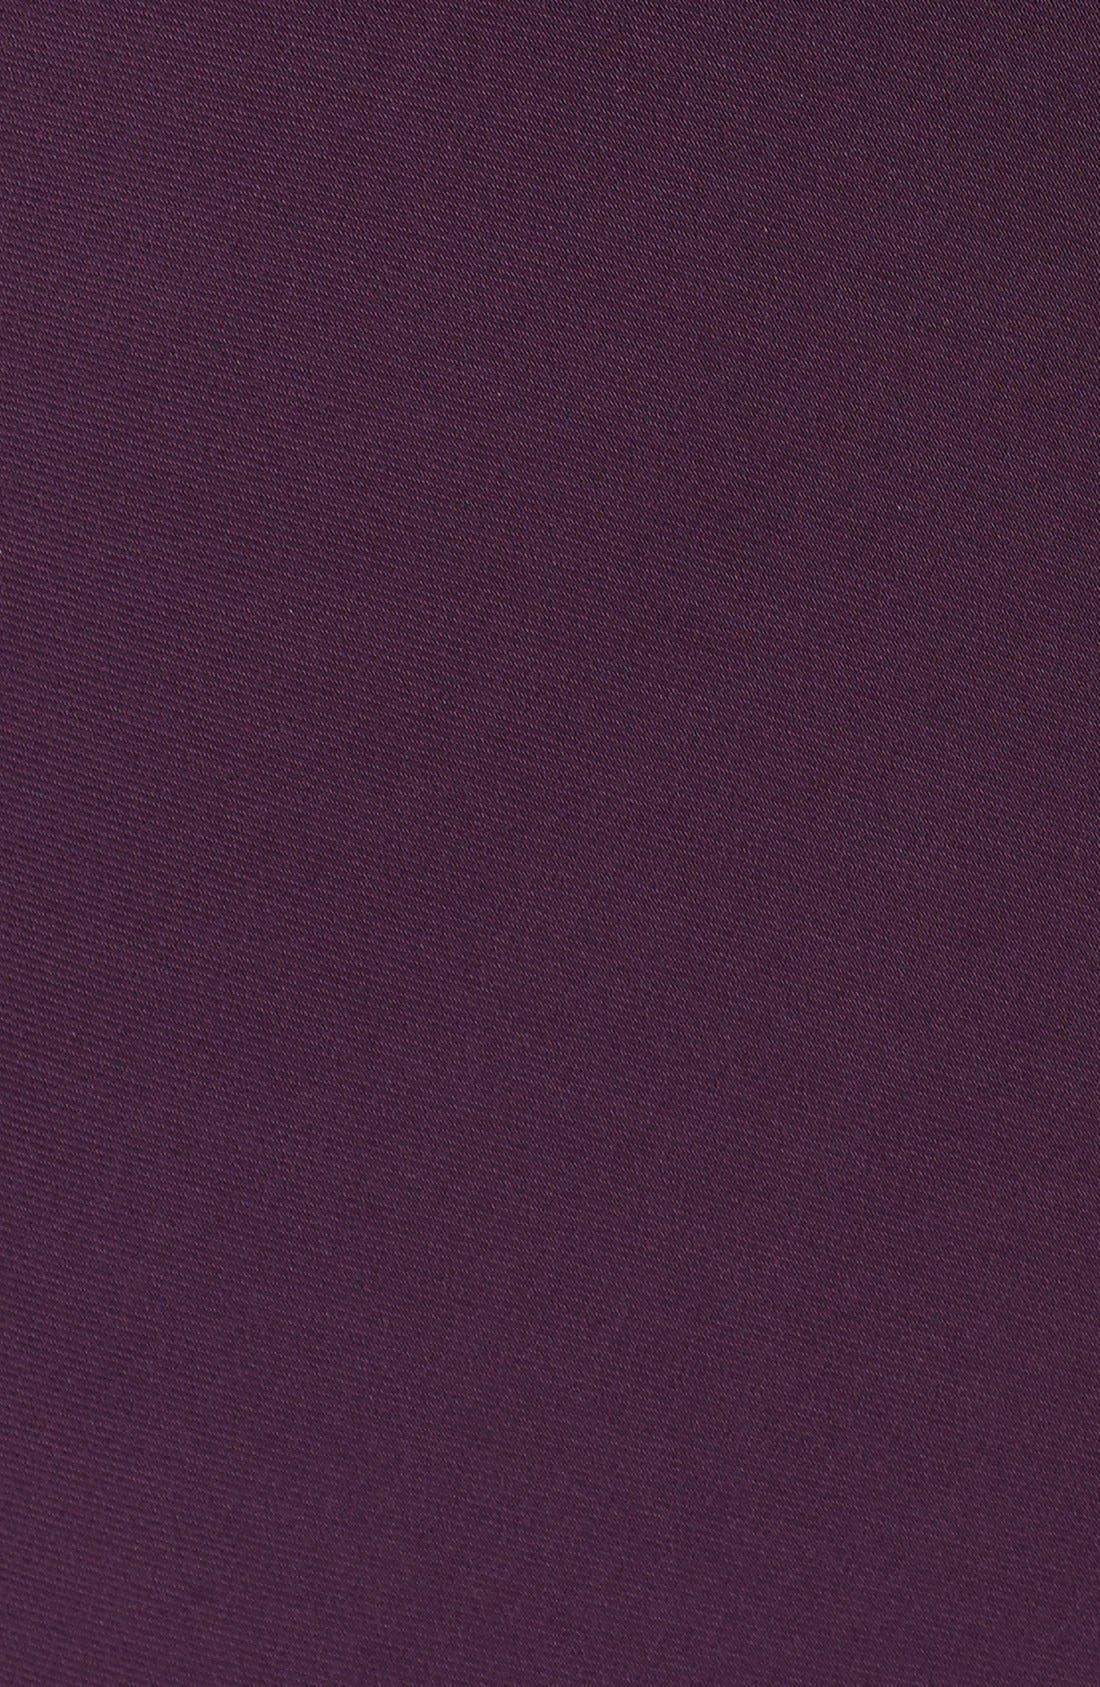 Embellished V-Neck Side Drape Jersey Gown,                             Alternate thumbnail 6, color,                             Eggplant